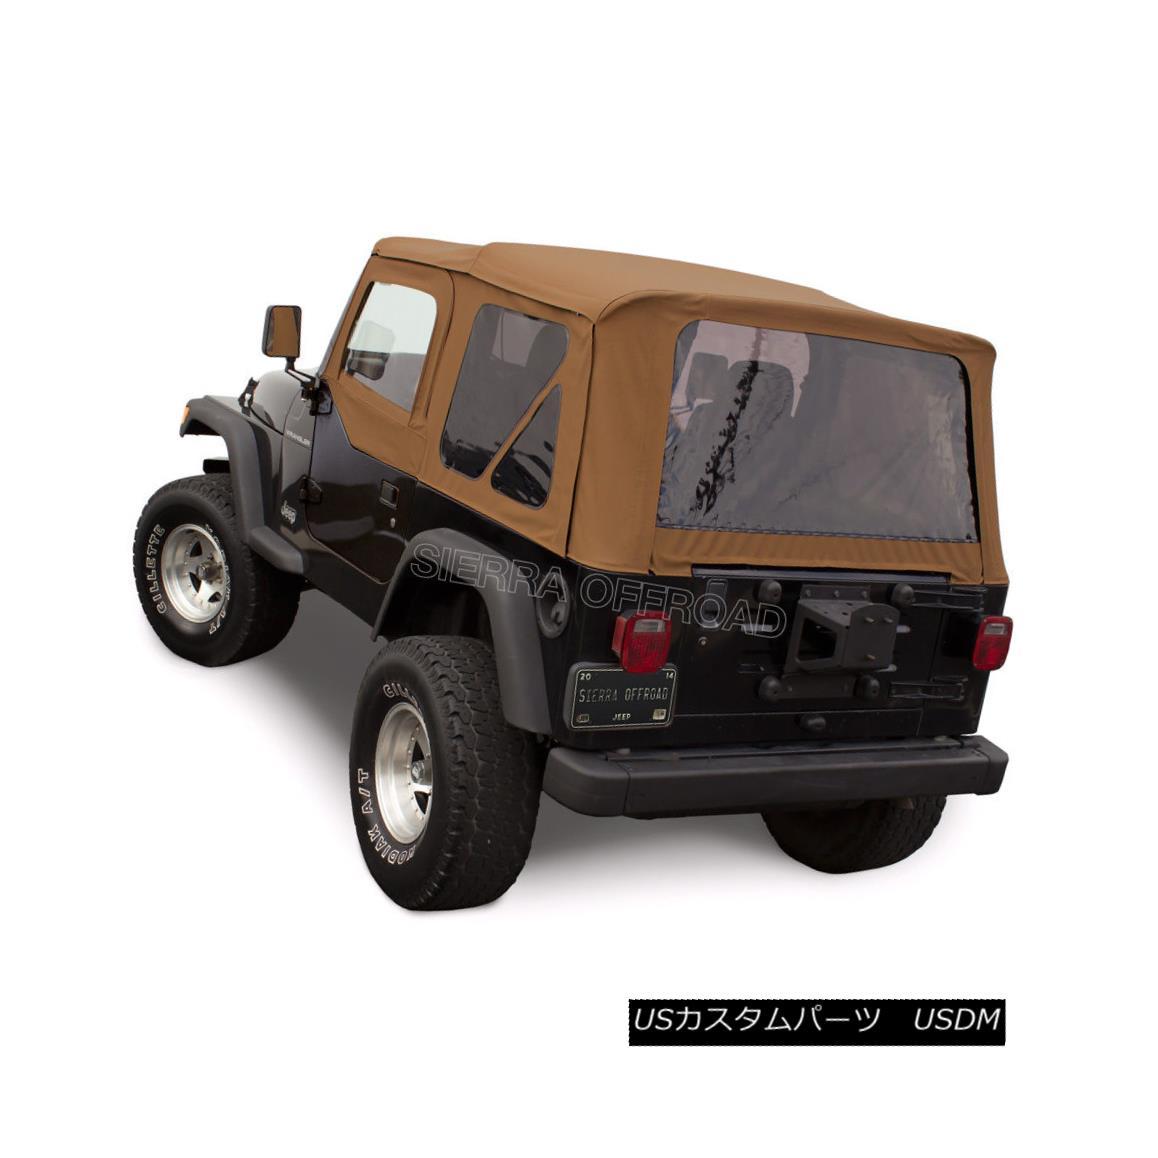 幌・ソフトトップ Jeep Wrangler TJ Soft Top, 97-02, Upper Doors, Tinted Windows, Spice ジープラングラーTJソフトトップ、97-02、上のドア、色づけされた窓、スパイス